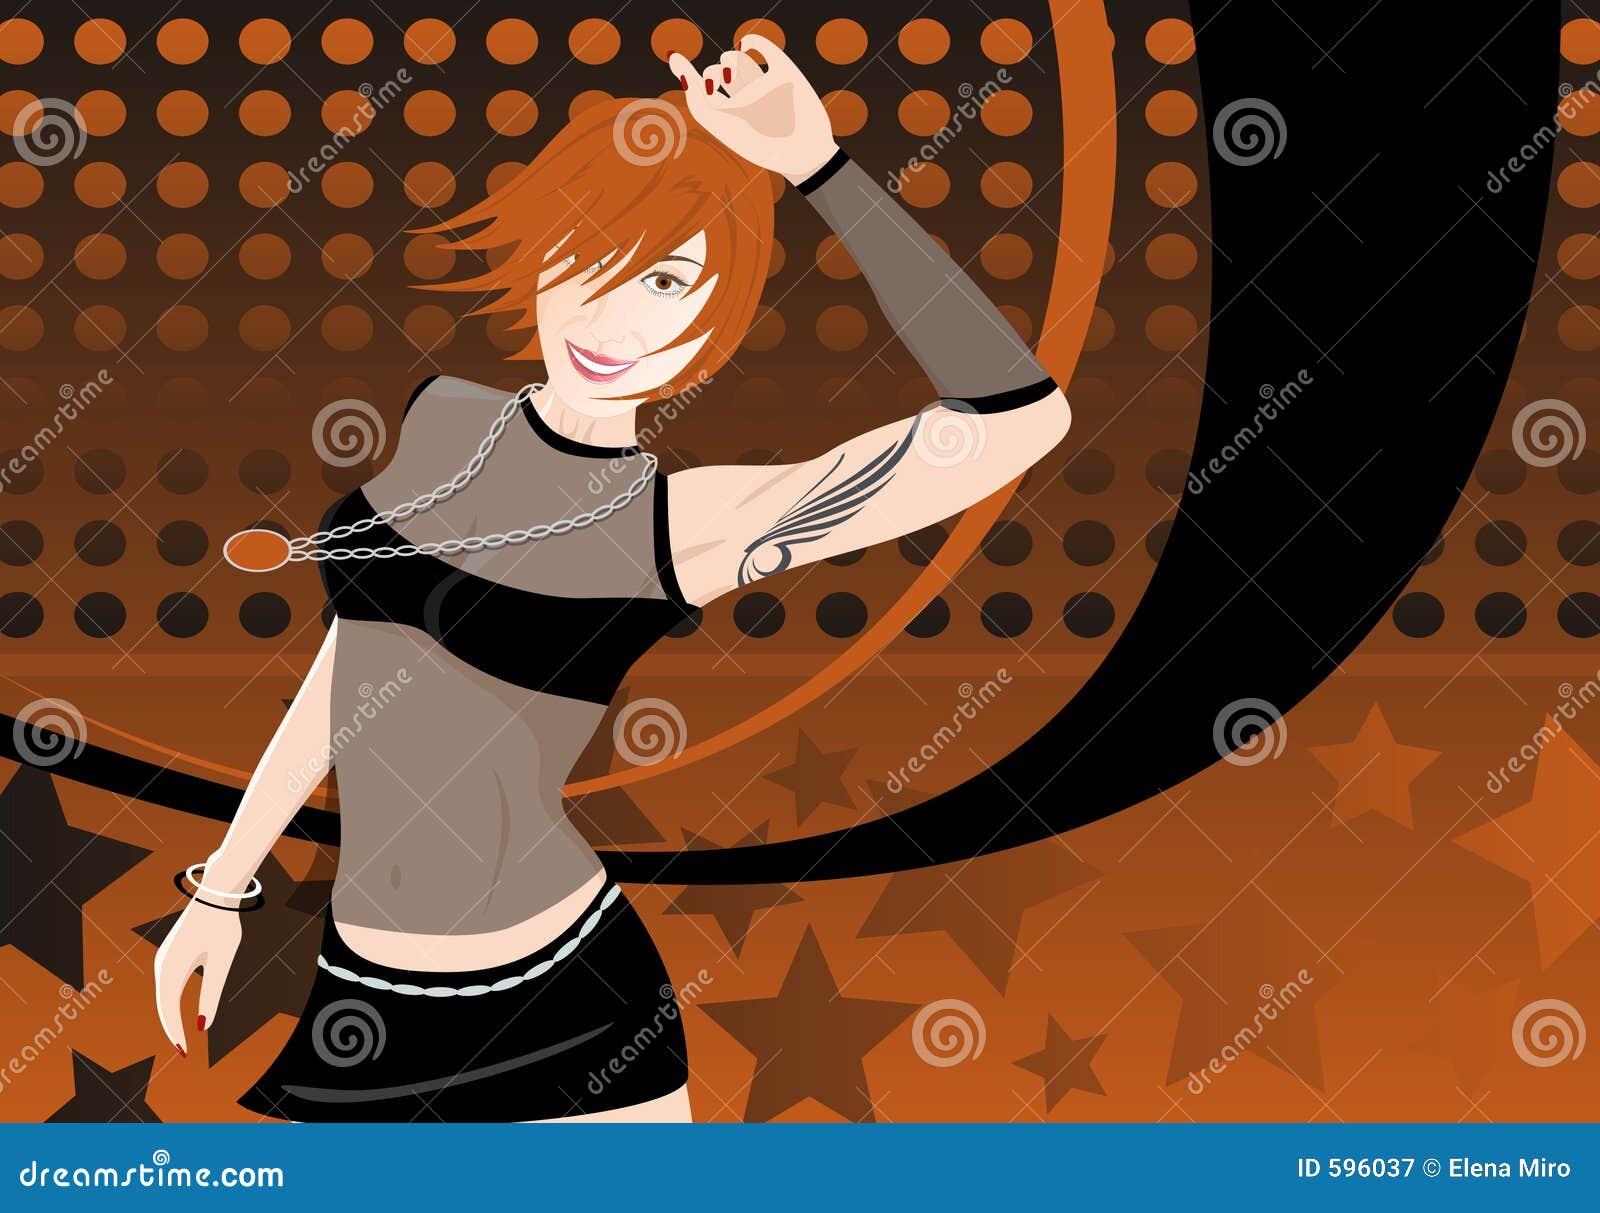 Dancing Girl2